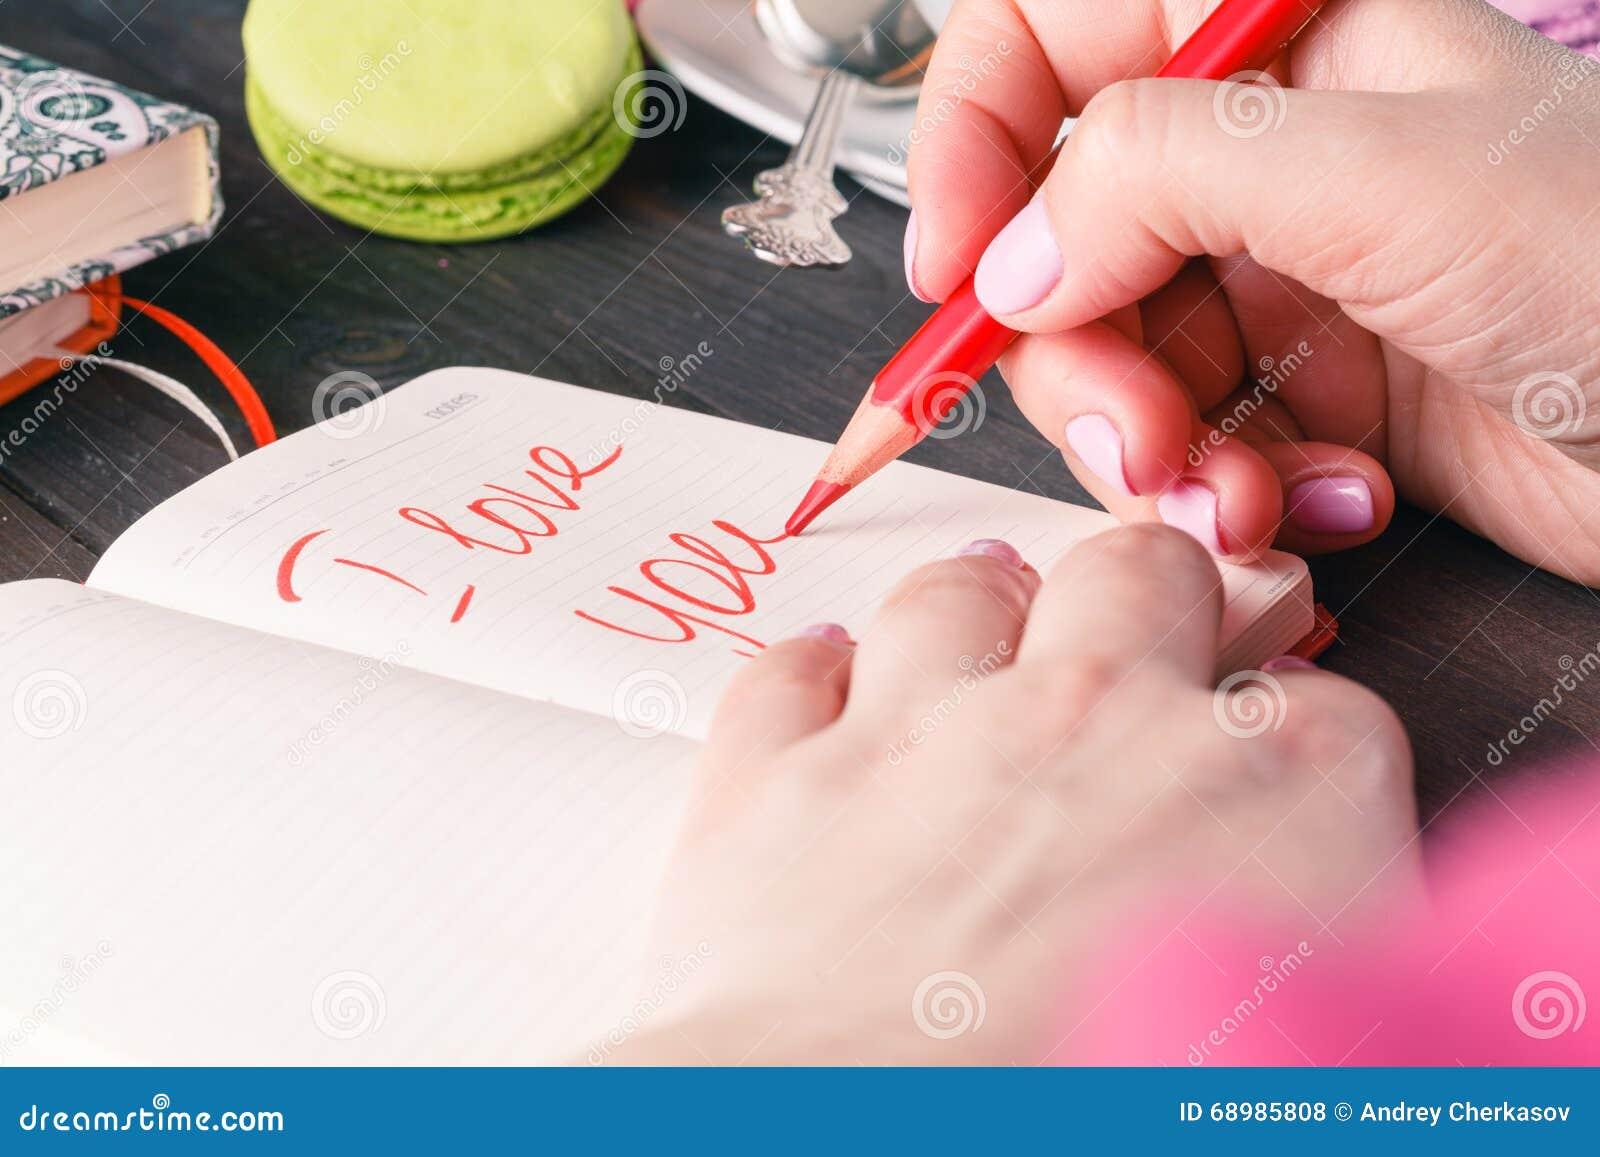 Frase sobre el amor escrito en cuaderno Concepto del día de tarjetas del día de San Valentín